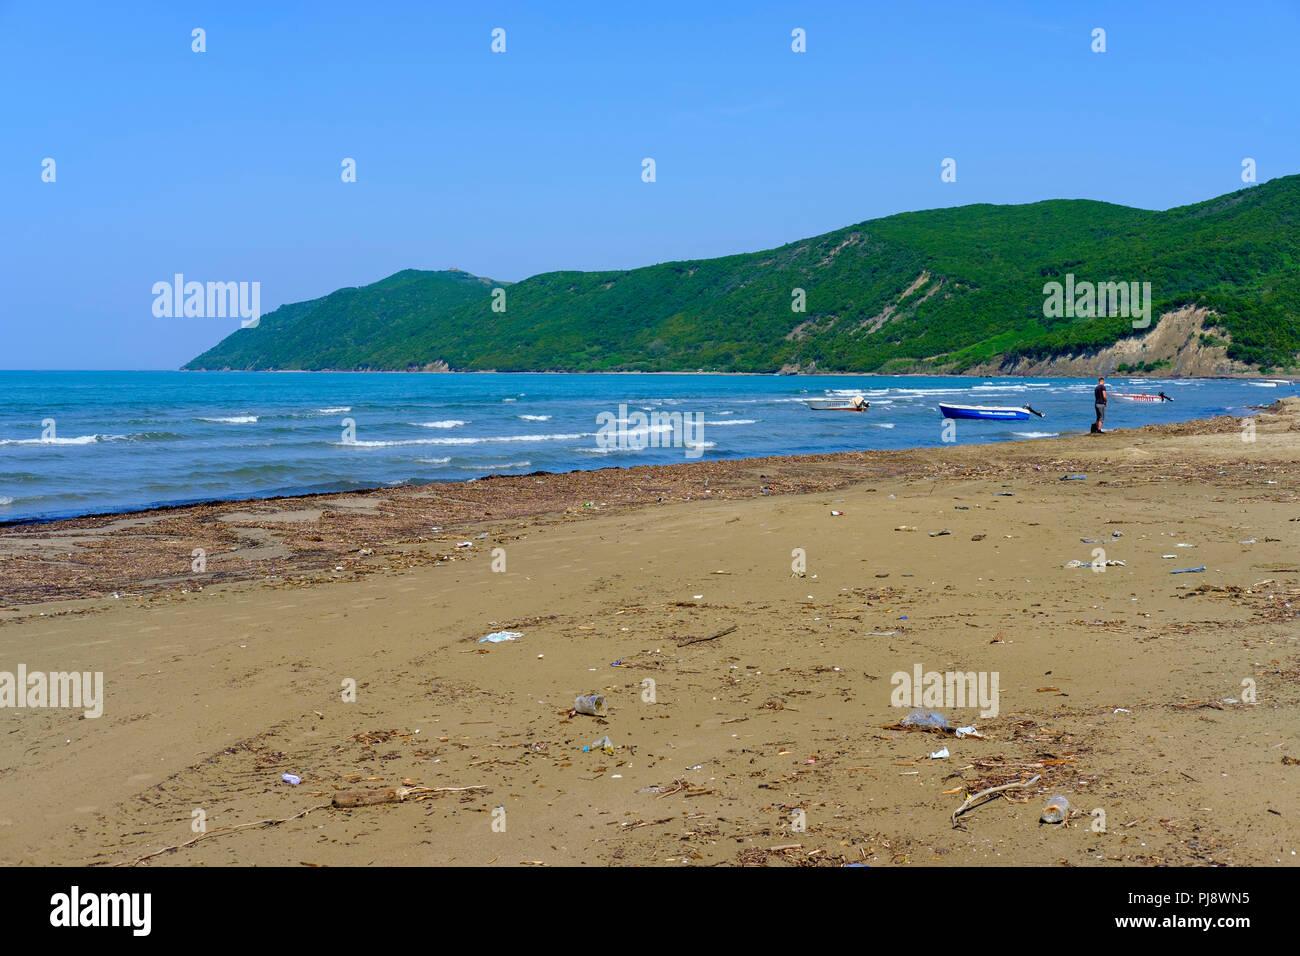 Polluted beach in Fushë-Draç near Durres, Cape Rodon, Kepi i Rodonit, Adriatic Sea, Durrës, Albania - Stock Image